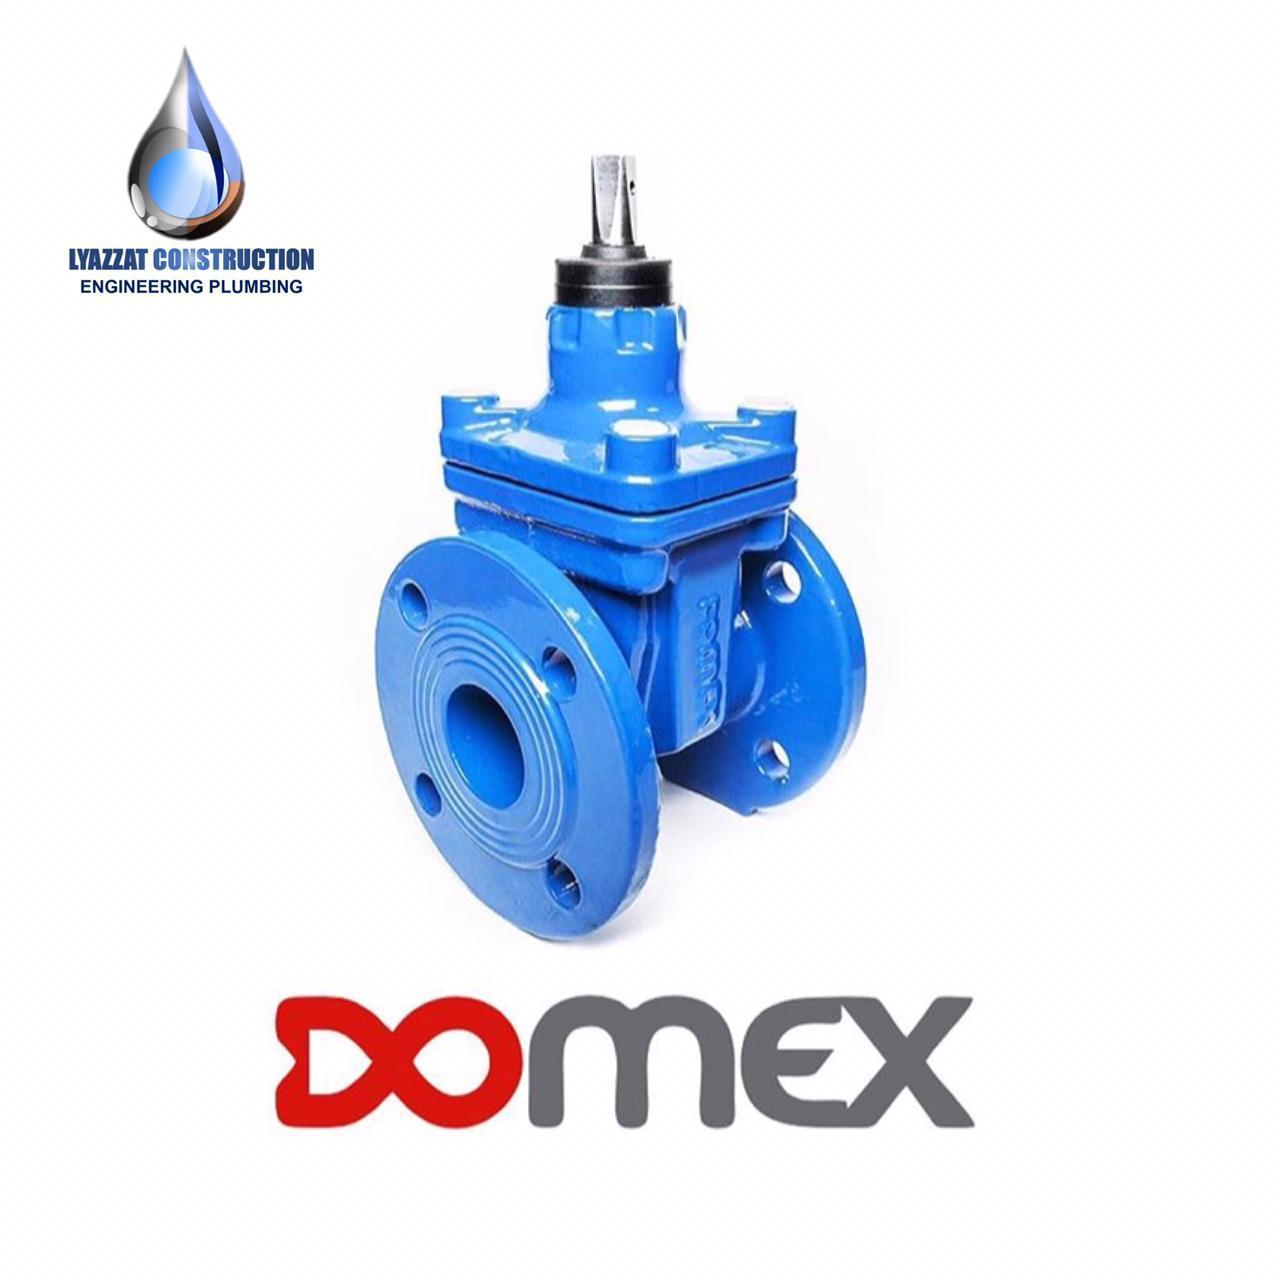 Задвижка DOMEX фланцевая F4 (короткая) DN 50